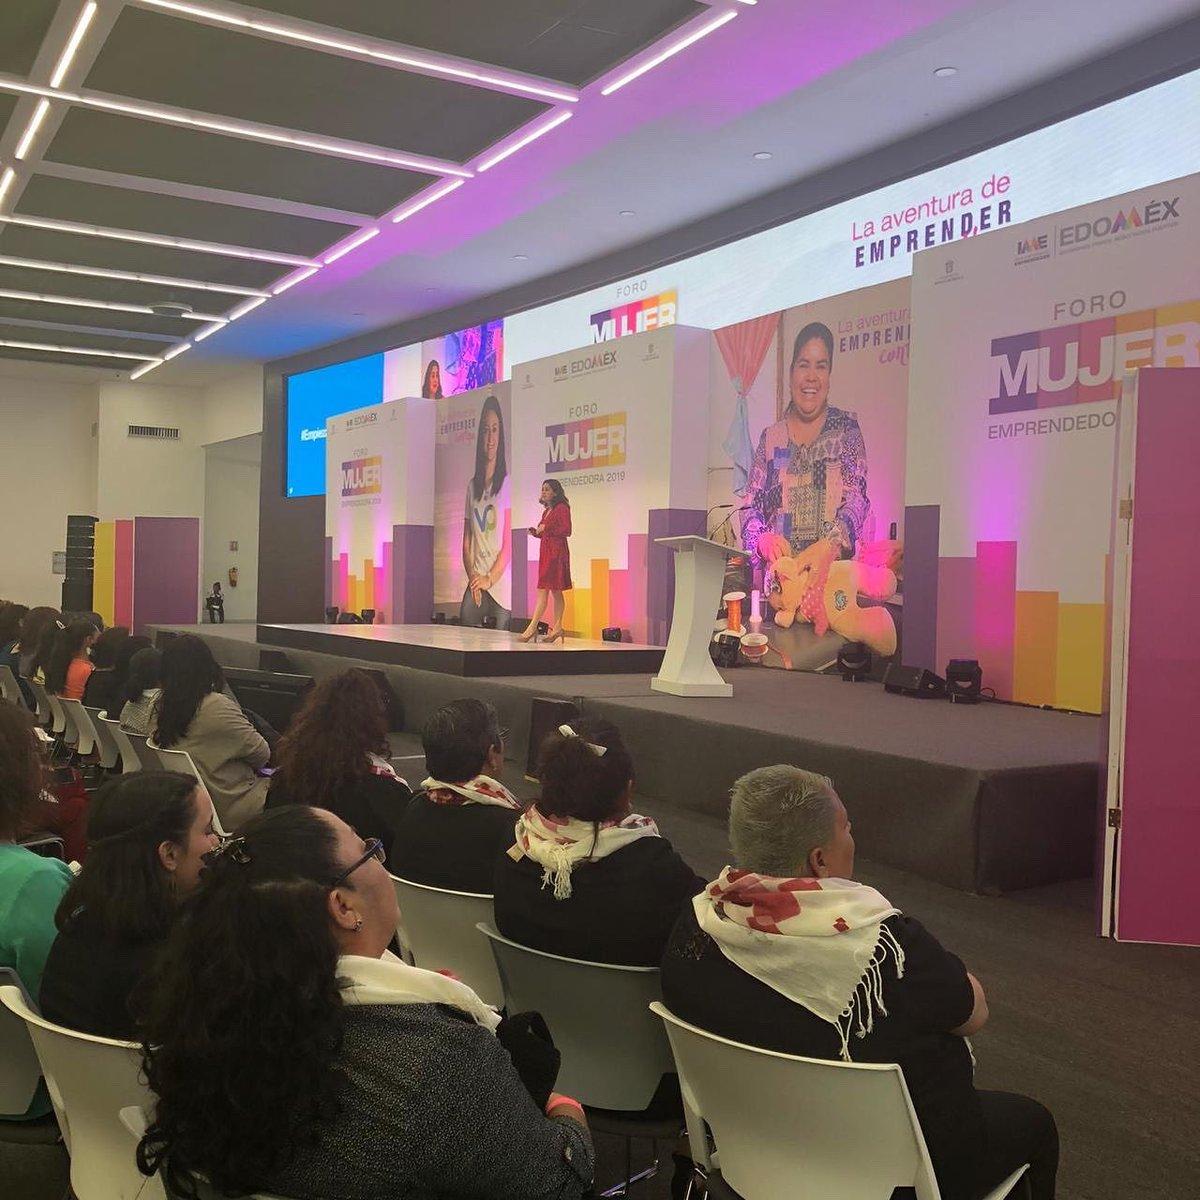 Un gran gusto compartir y charlar con  mujeres emprendedoras que luchan , sueñan y logran #ForoMujerEmprendedora #EmpiezaConEllos